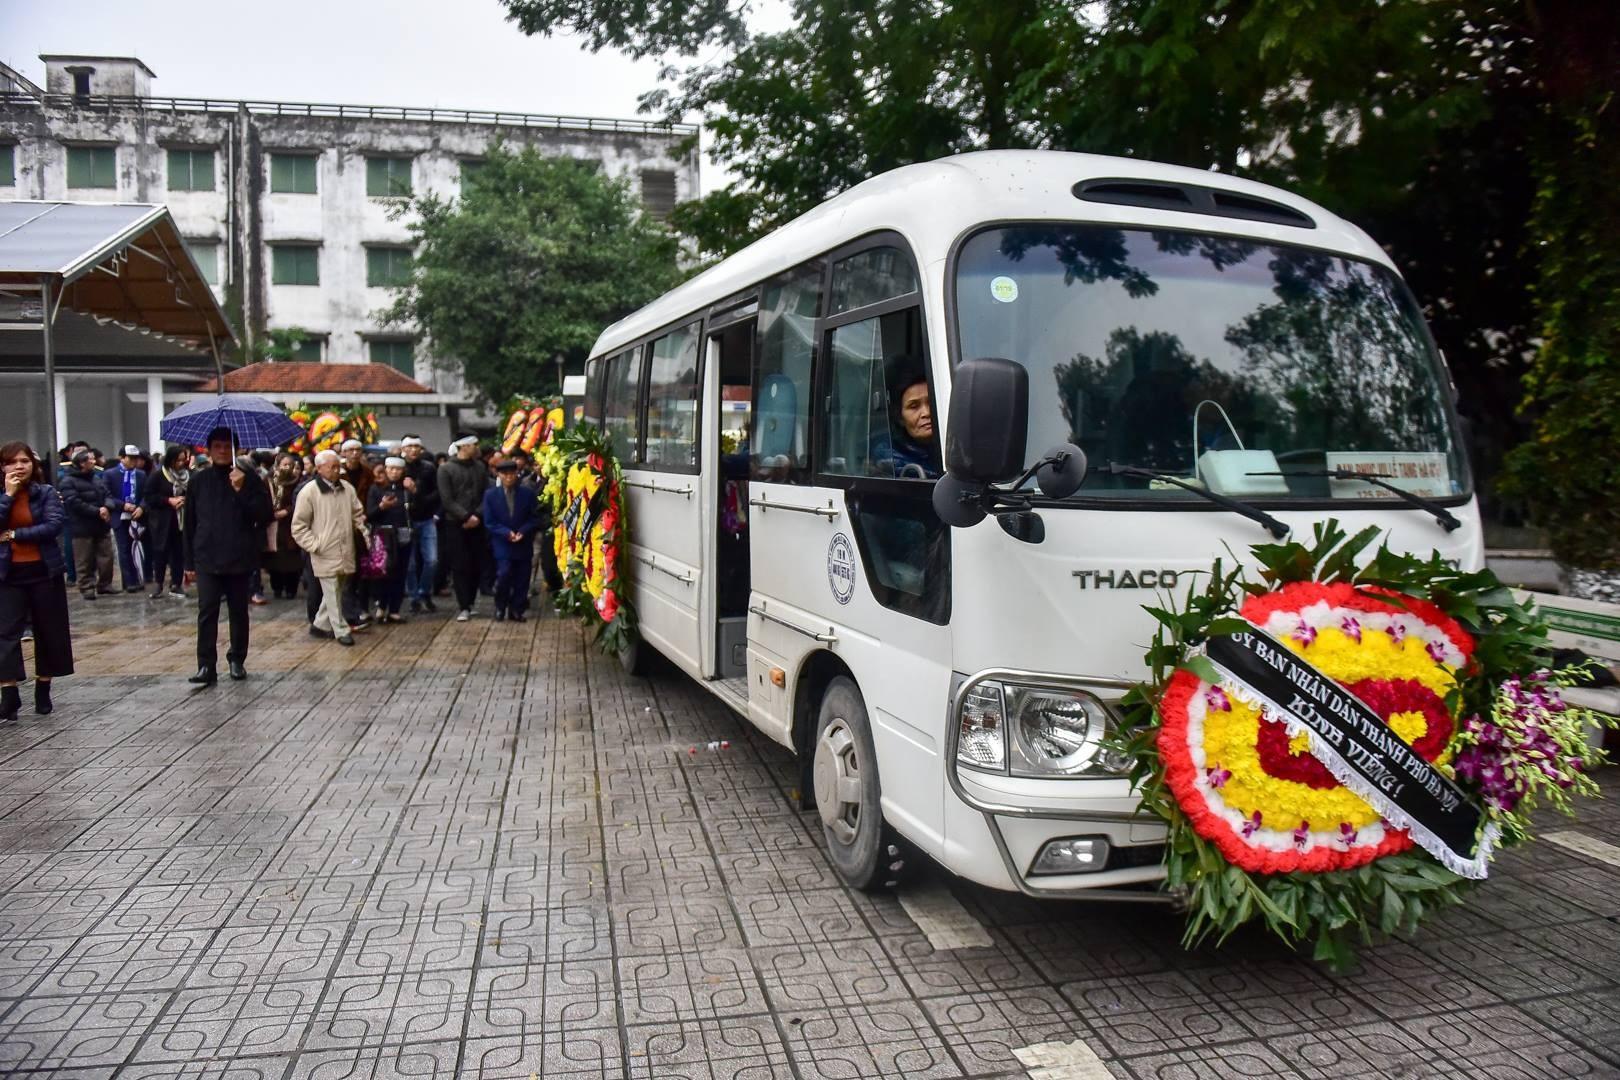 Đông đảo bạn bè, văn nghệ sĩ đến tiễn đưa nhà thơ- nhạc sĩ Nguyễn Trọng Tạo - Ảnh 25.